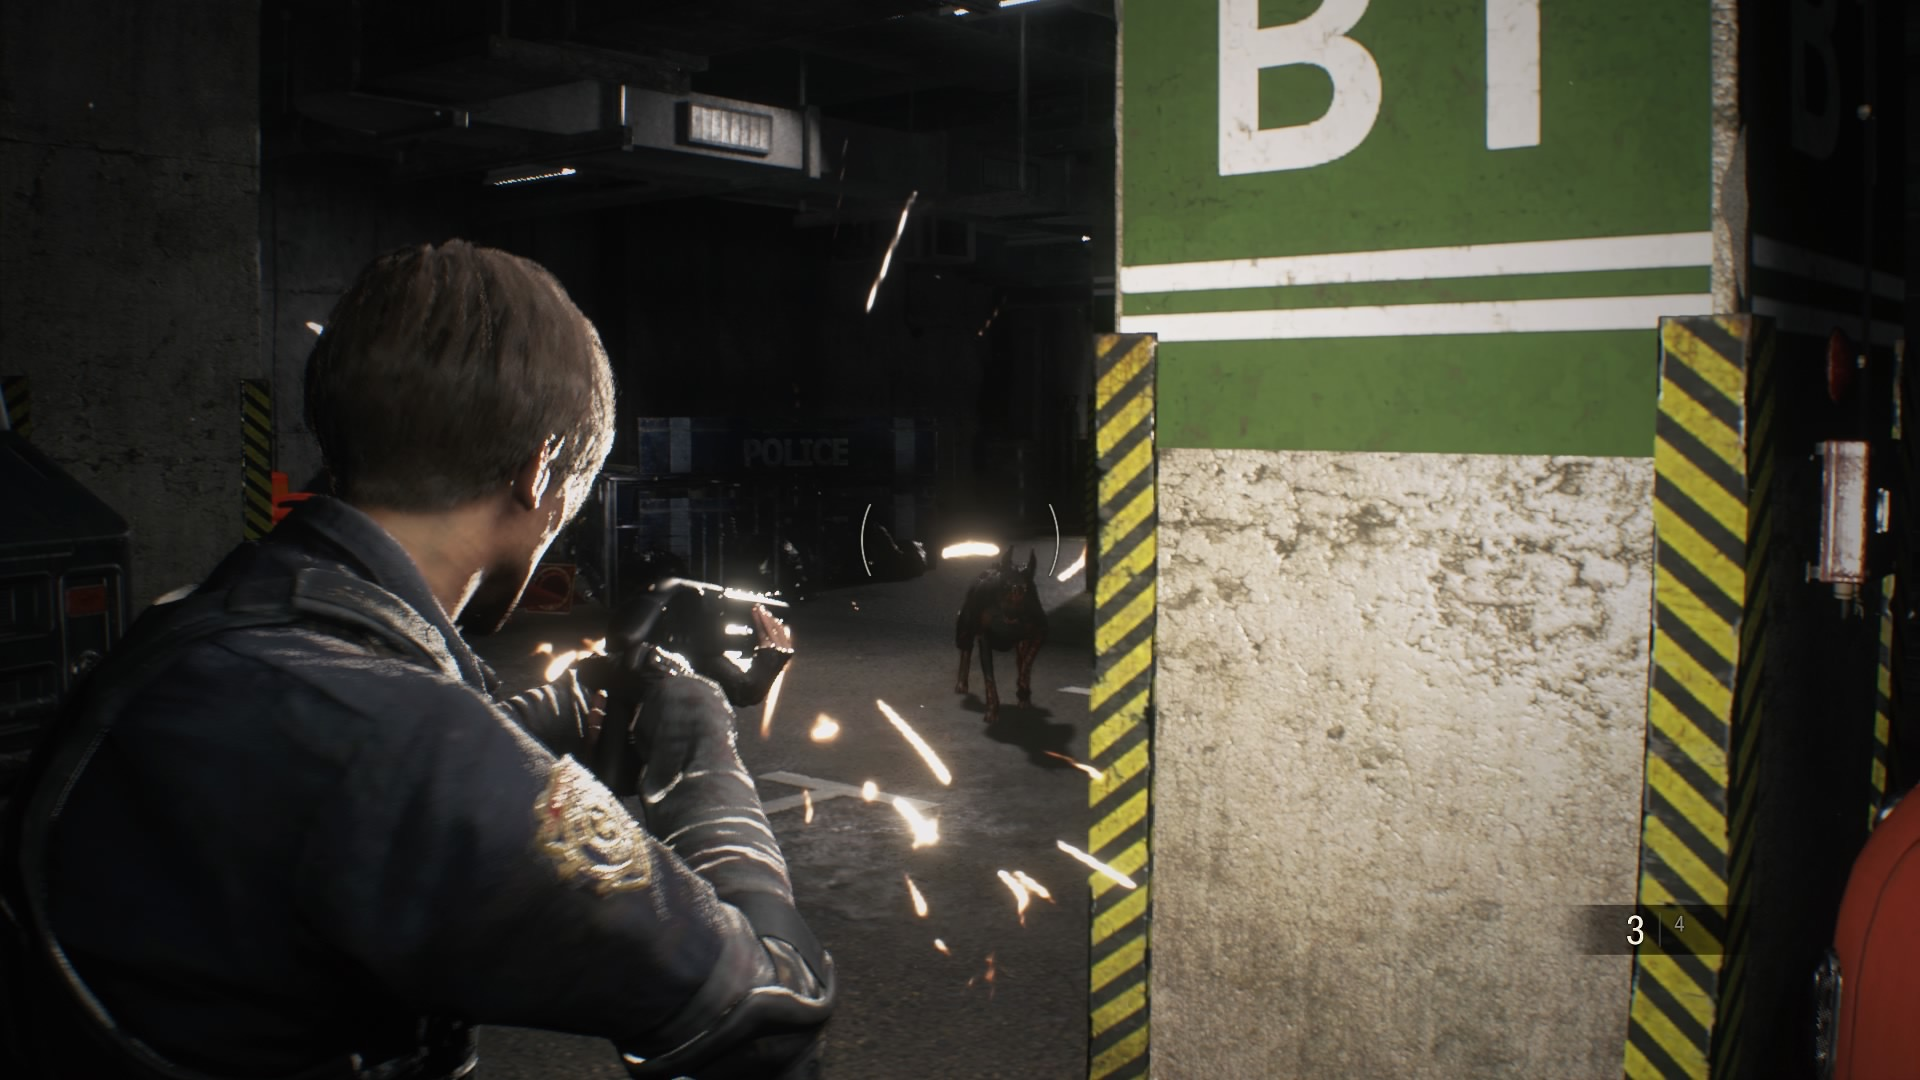 Resident Evil 2: Paczki z amunicją? Pff, niech żyje proch strzelniczy.